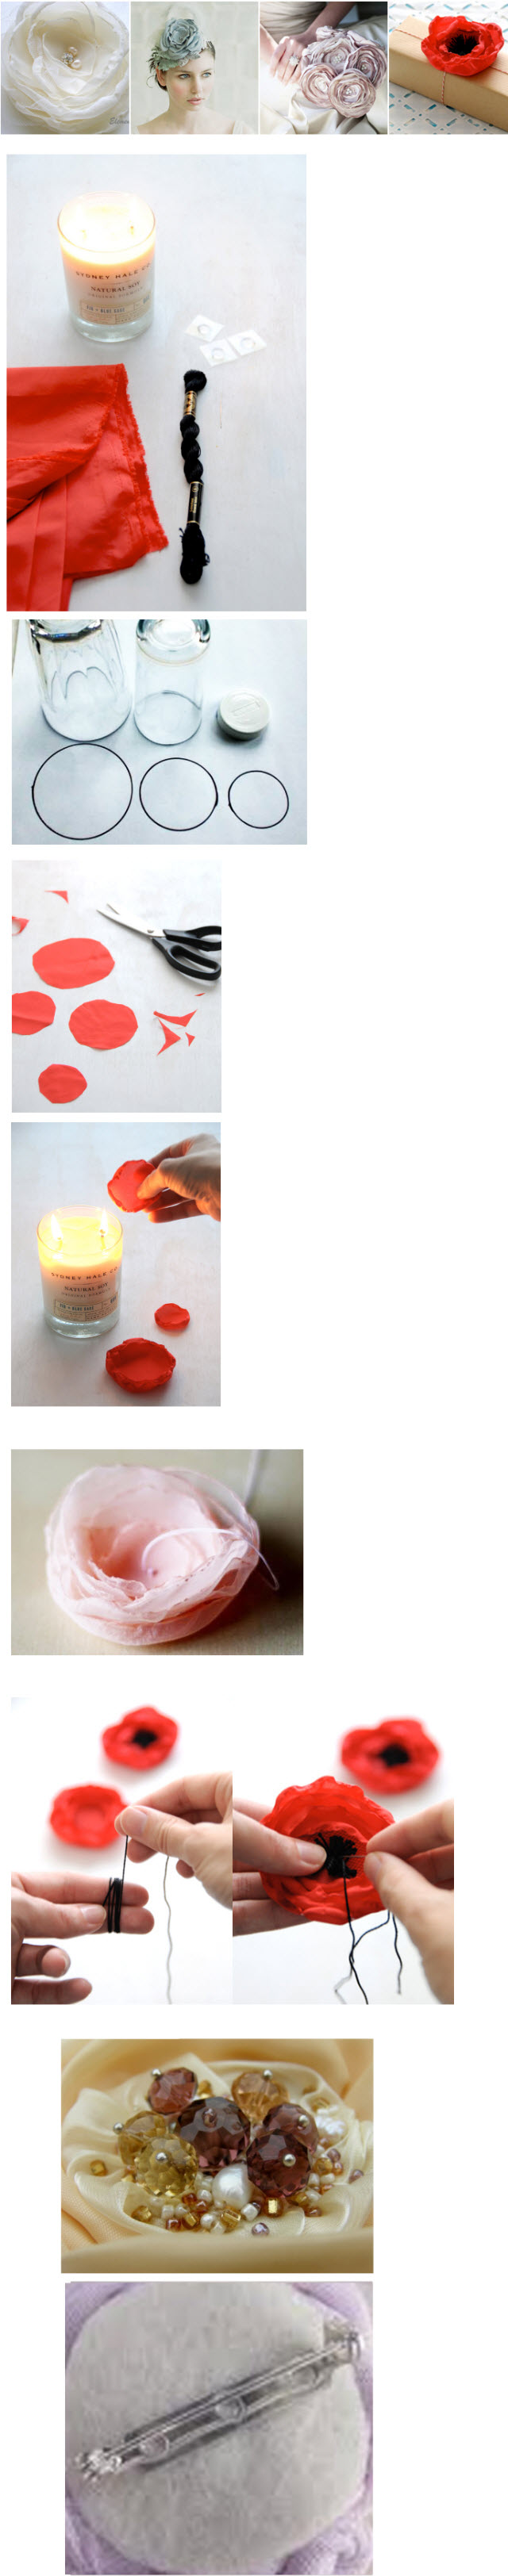 Как сделать розу из органзы своими руками пошагово 27